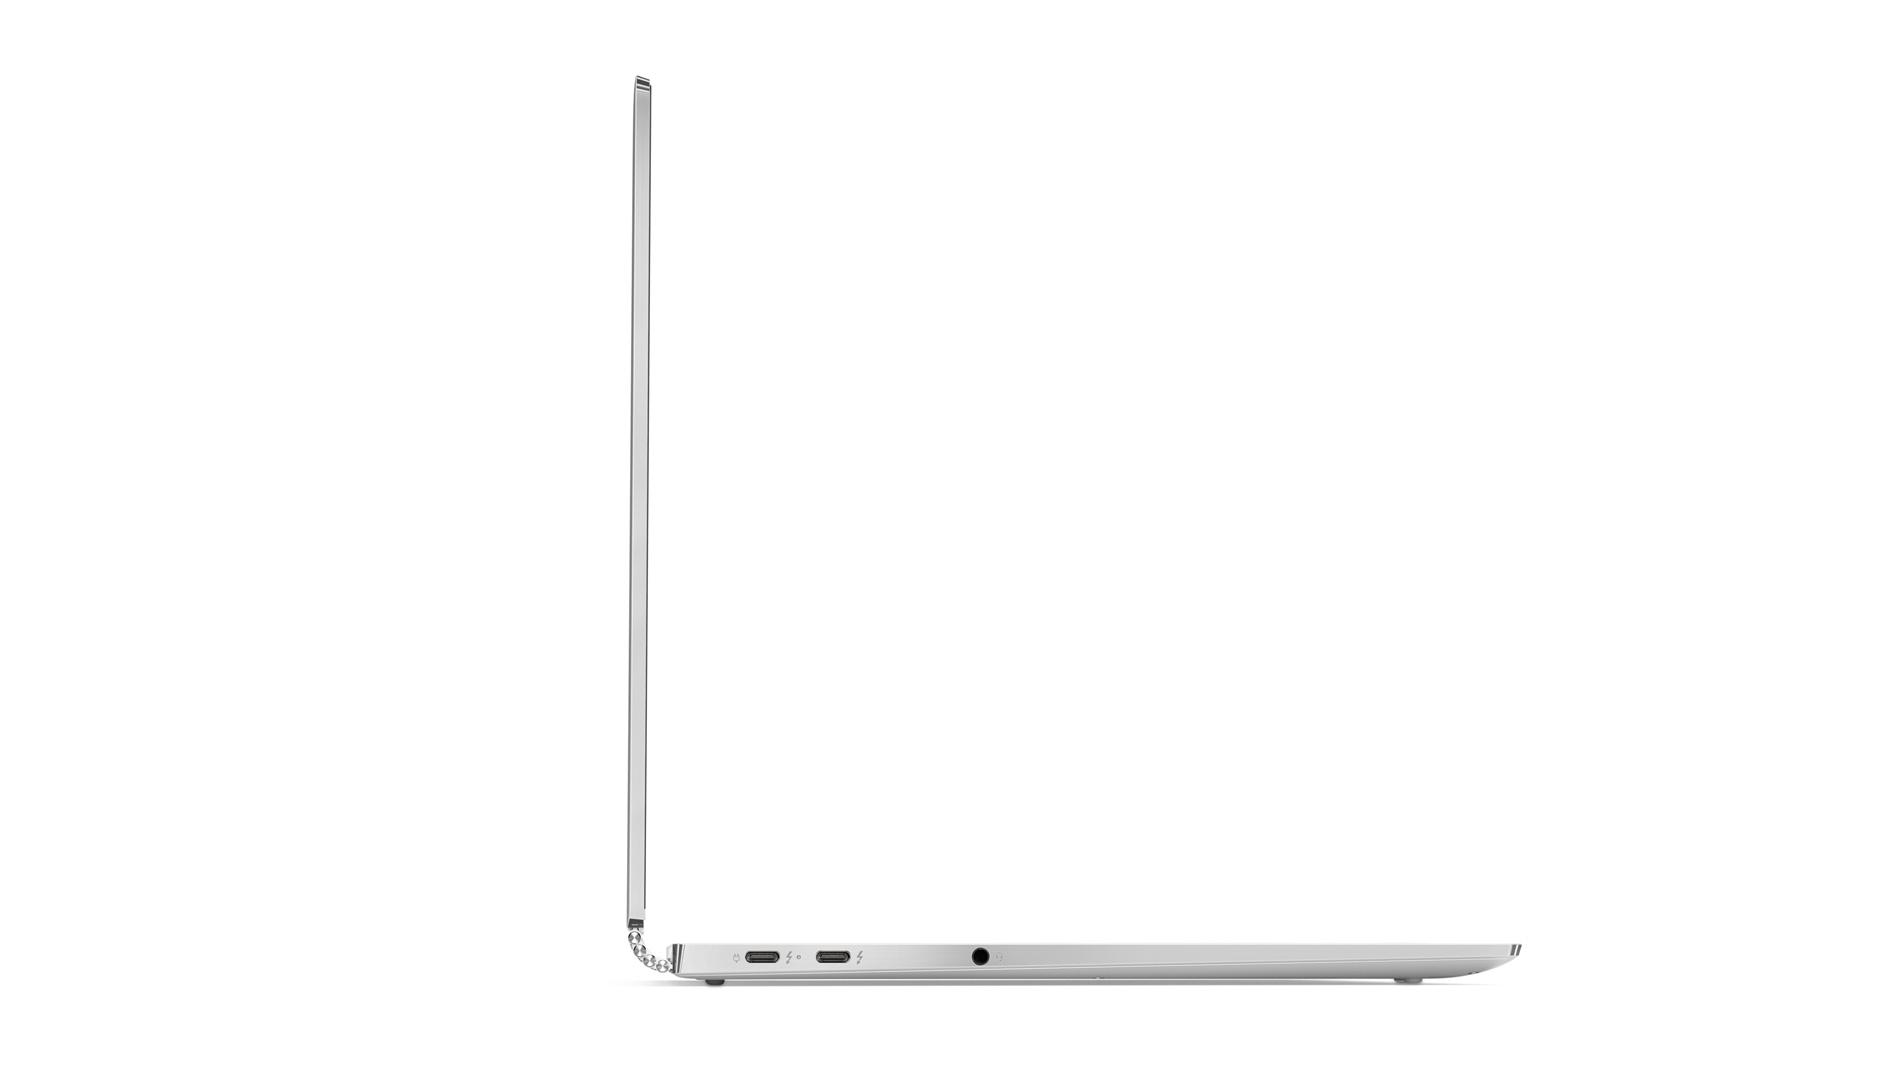 Фото  Ультрабук Lenovo Yoga 920 Platinum (80Y700AARA)